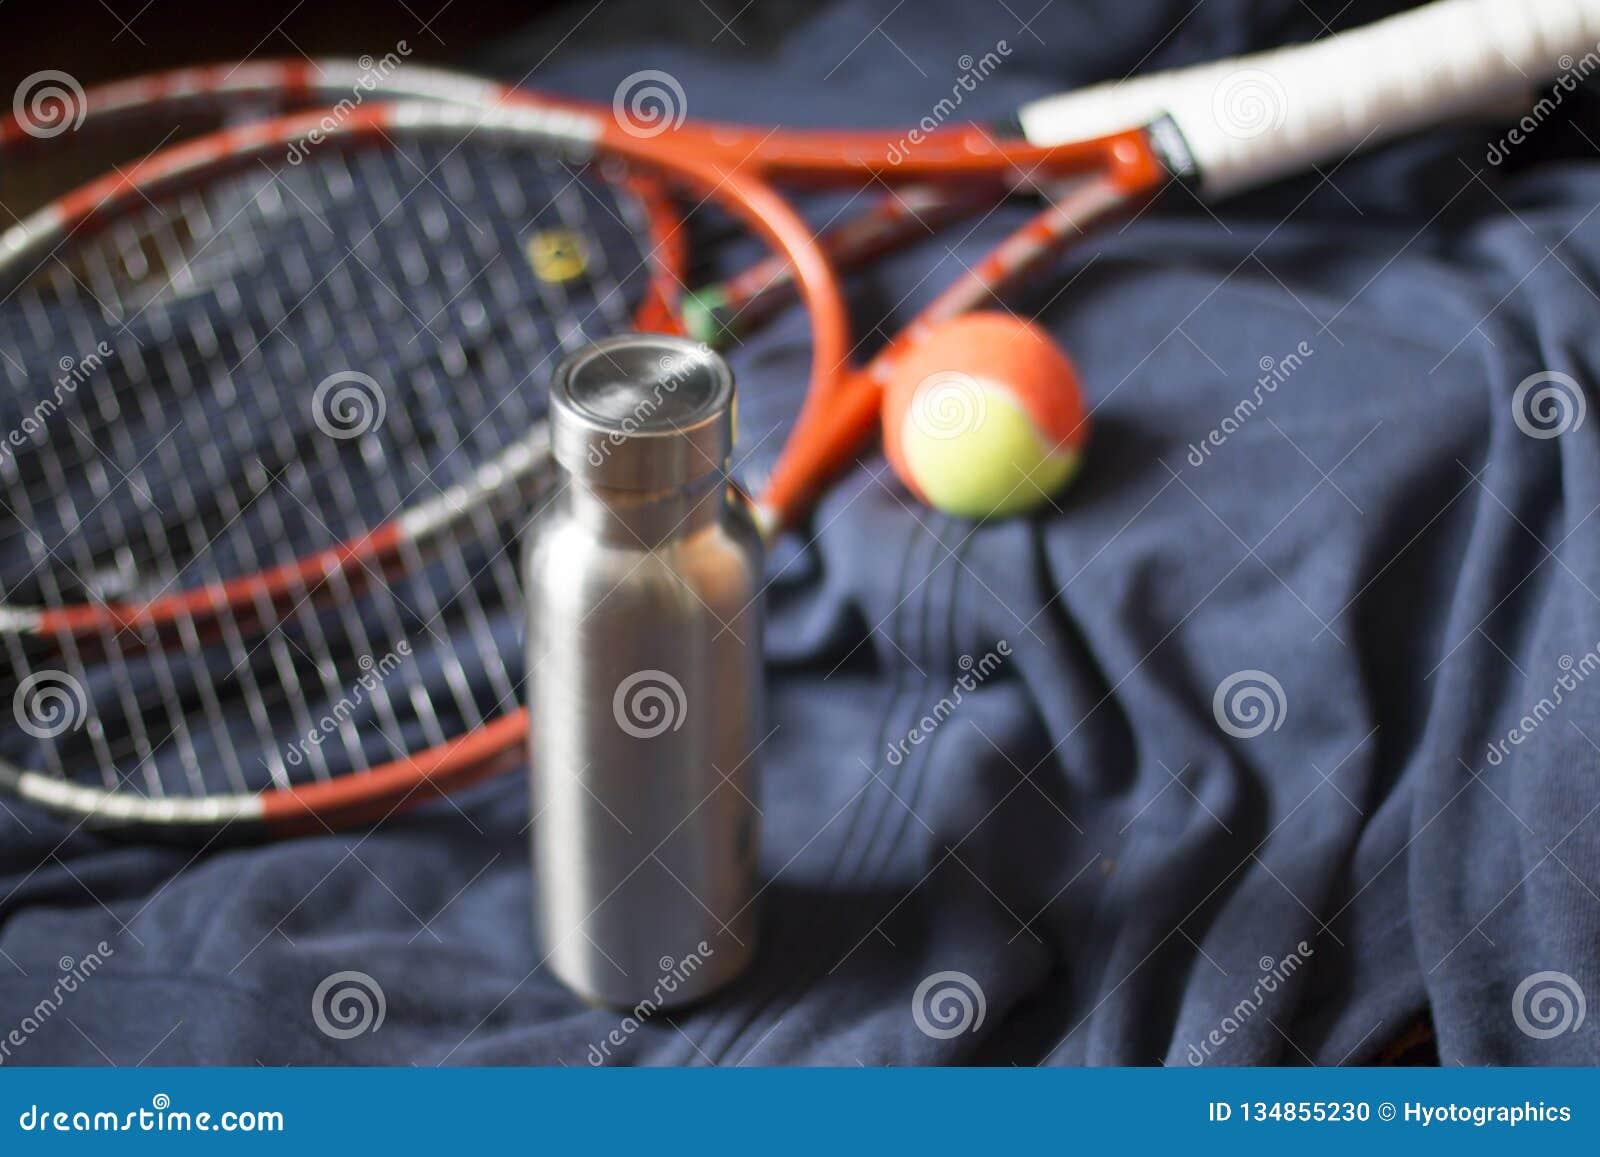 Izolująca Nierdzewna butelka z tenisowym kantem i piłką